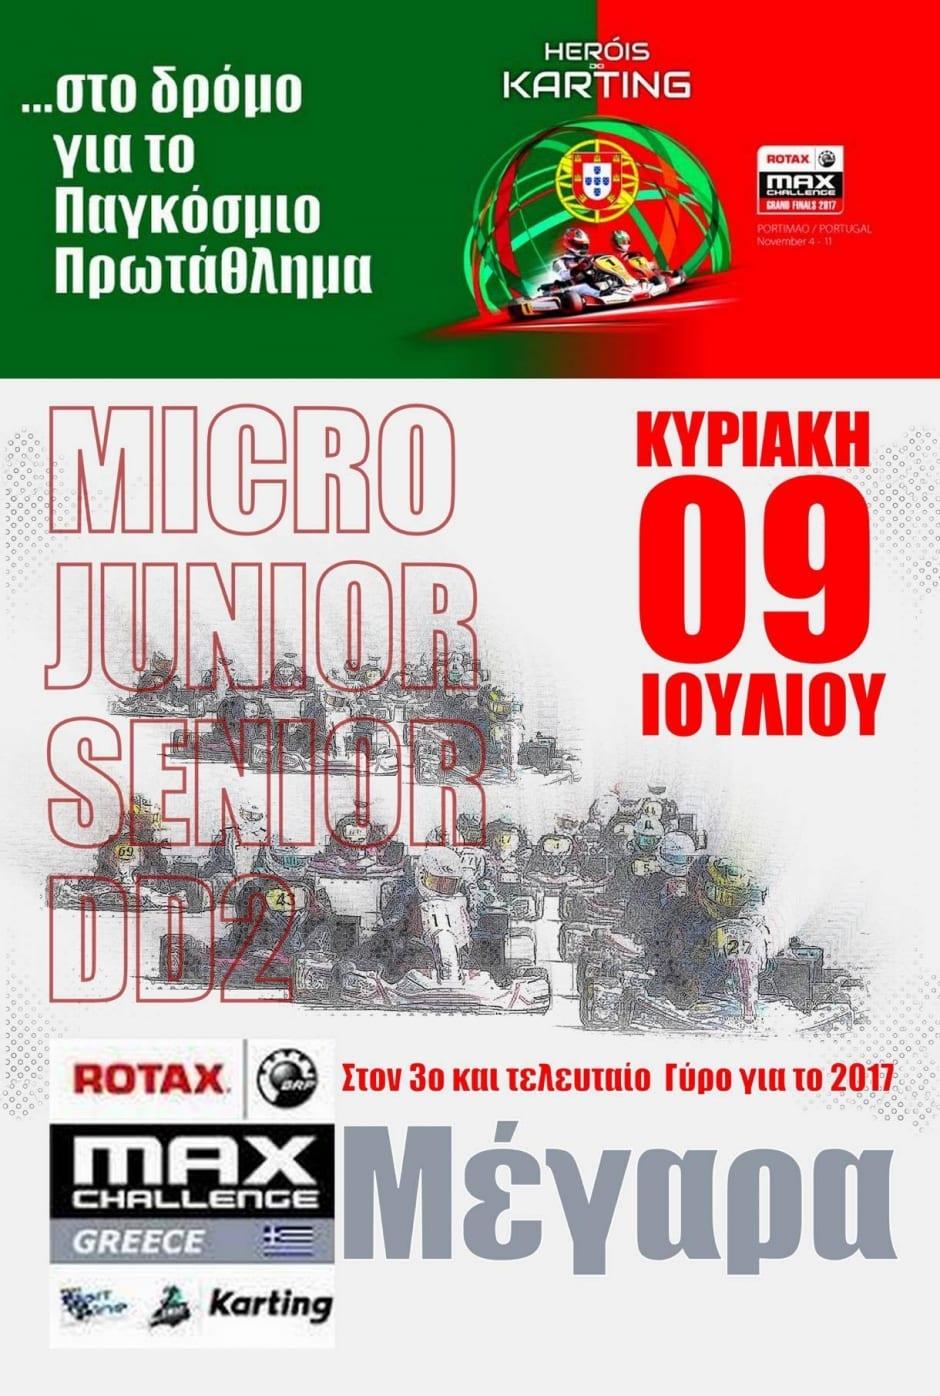 3ος Γύρος Rotax Max Challenge 2017: Συμμετοχές